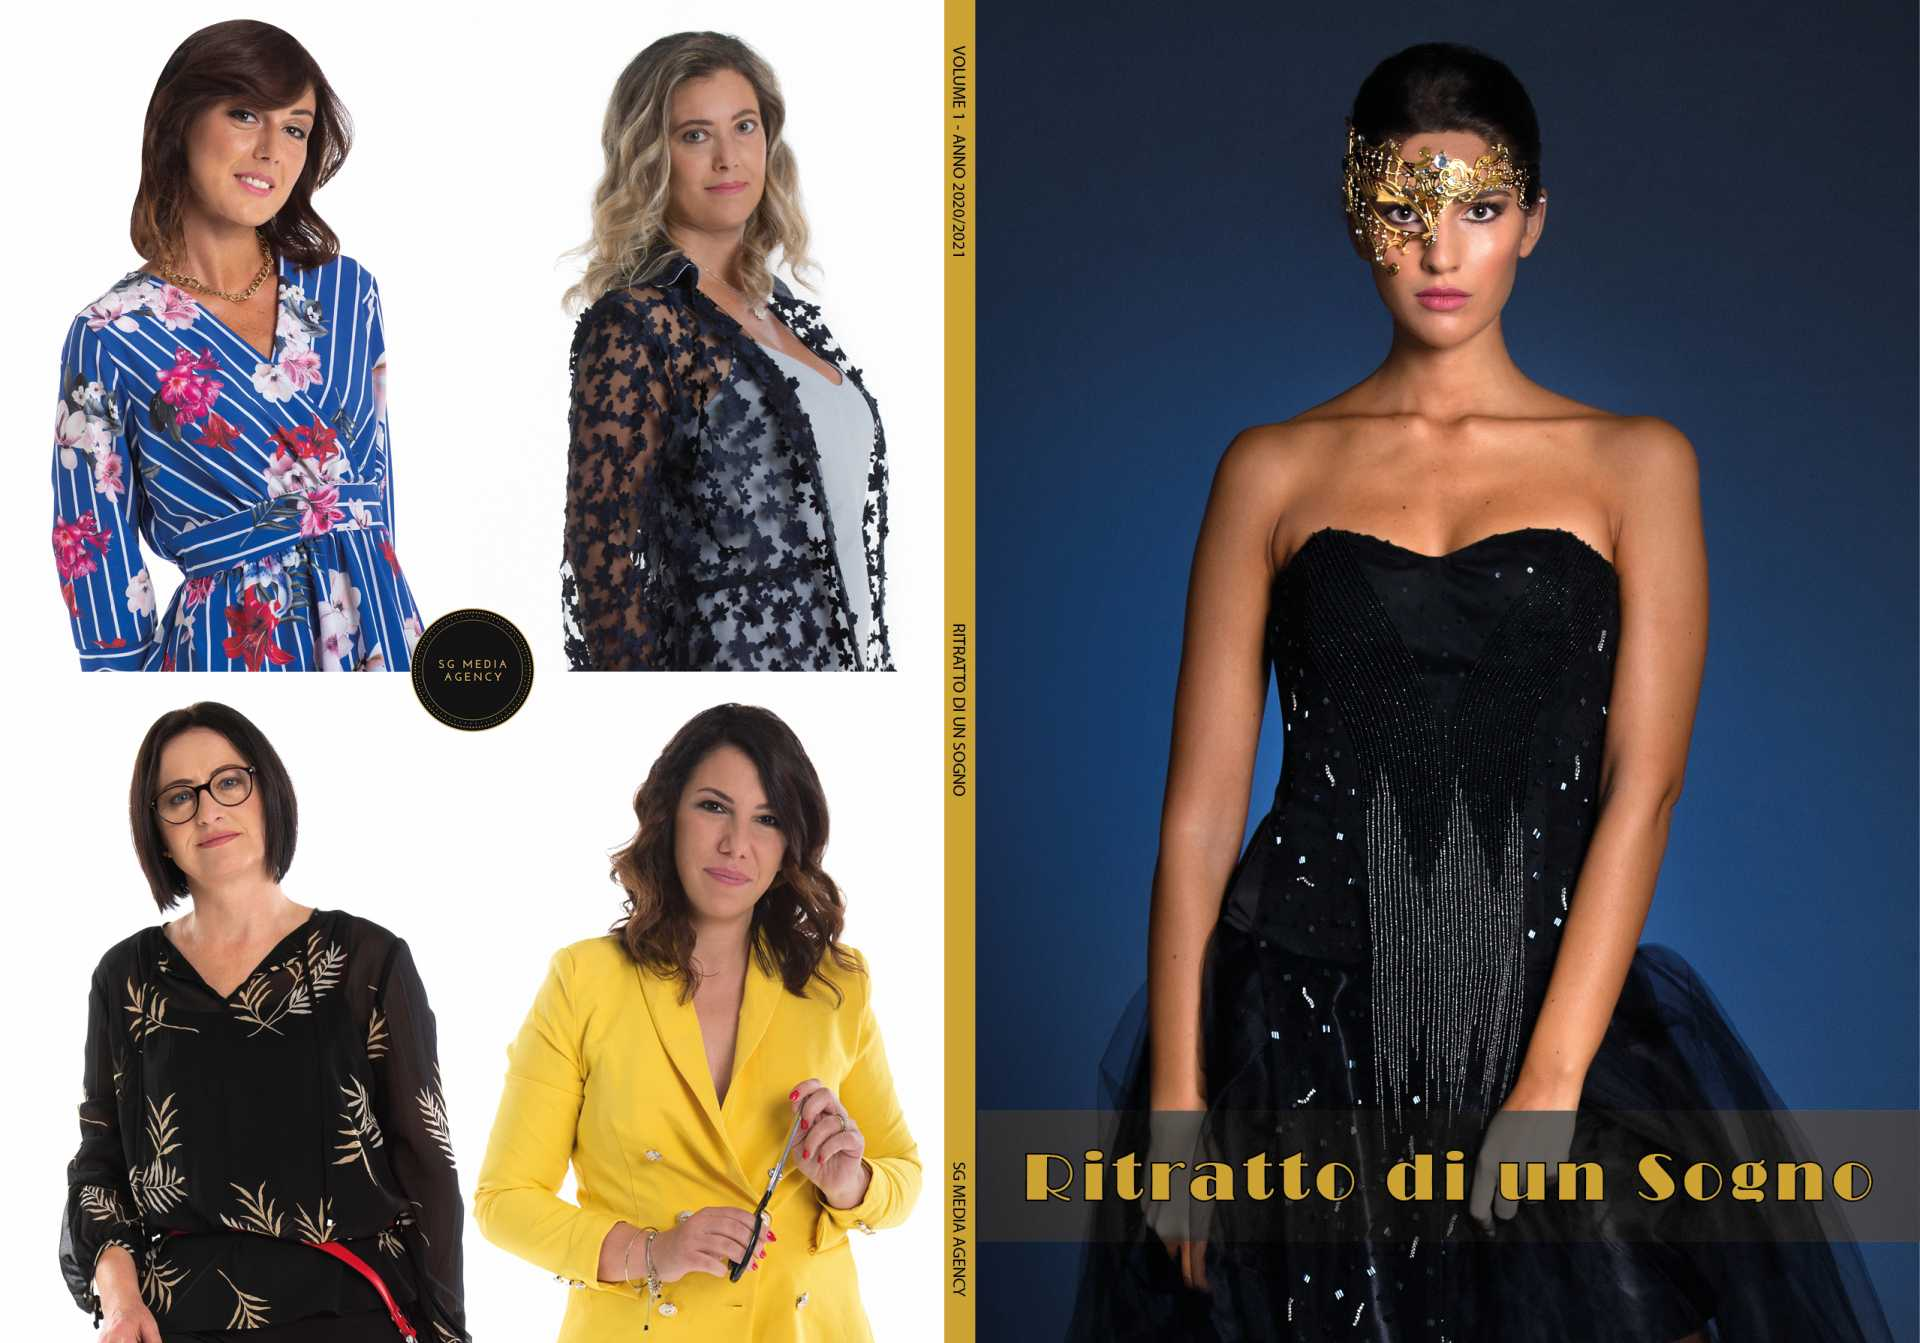 Nel libro di Teresa Morone la moda vista attraverso le vite di quattro stiliste